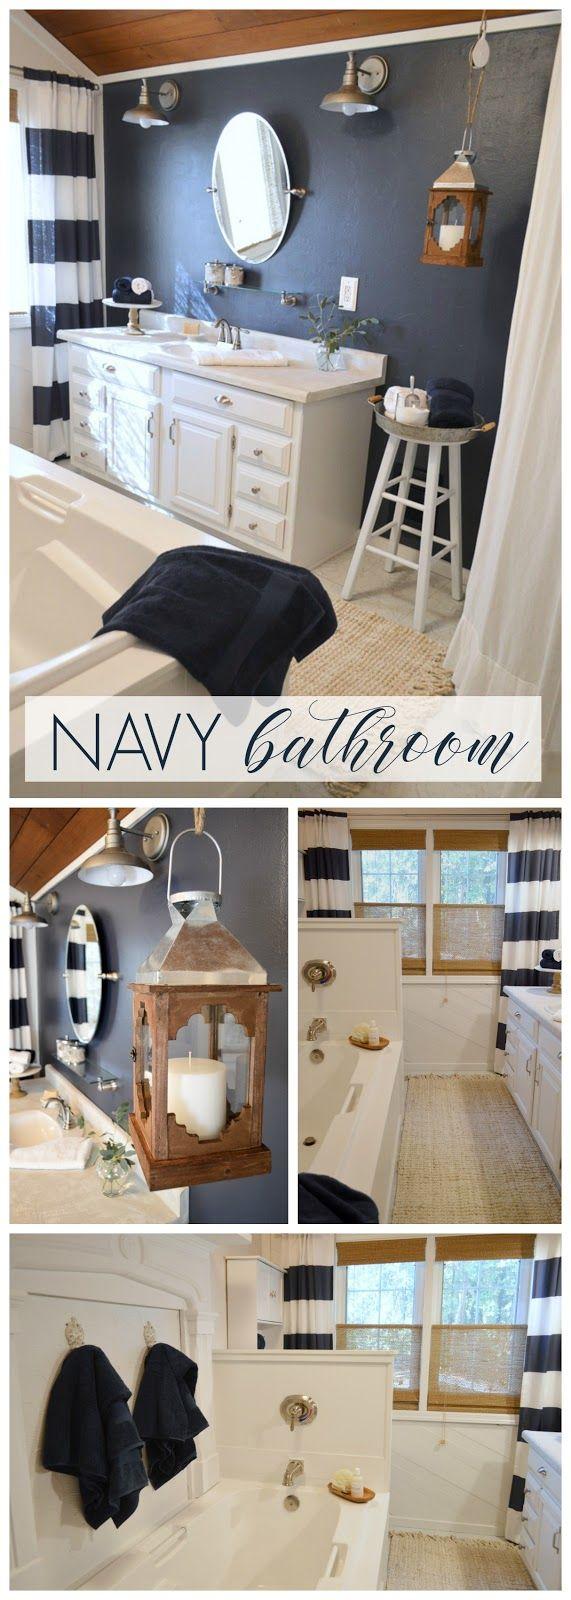 Best Navy Bathroom Decor Ideas On Pinterest Toilet Room - Navy blue bath accessories for small bathroom ideas